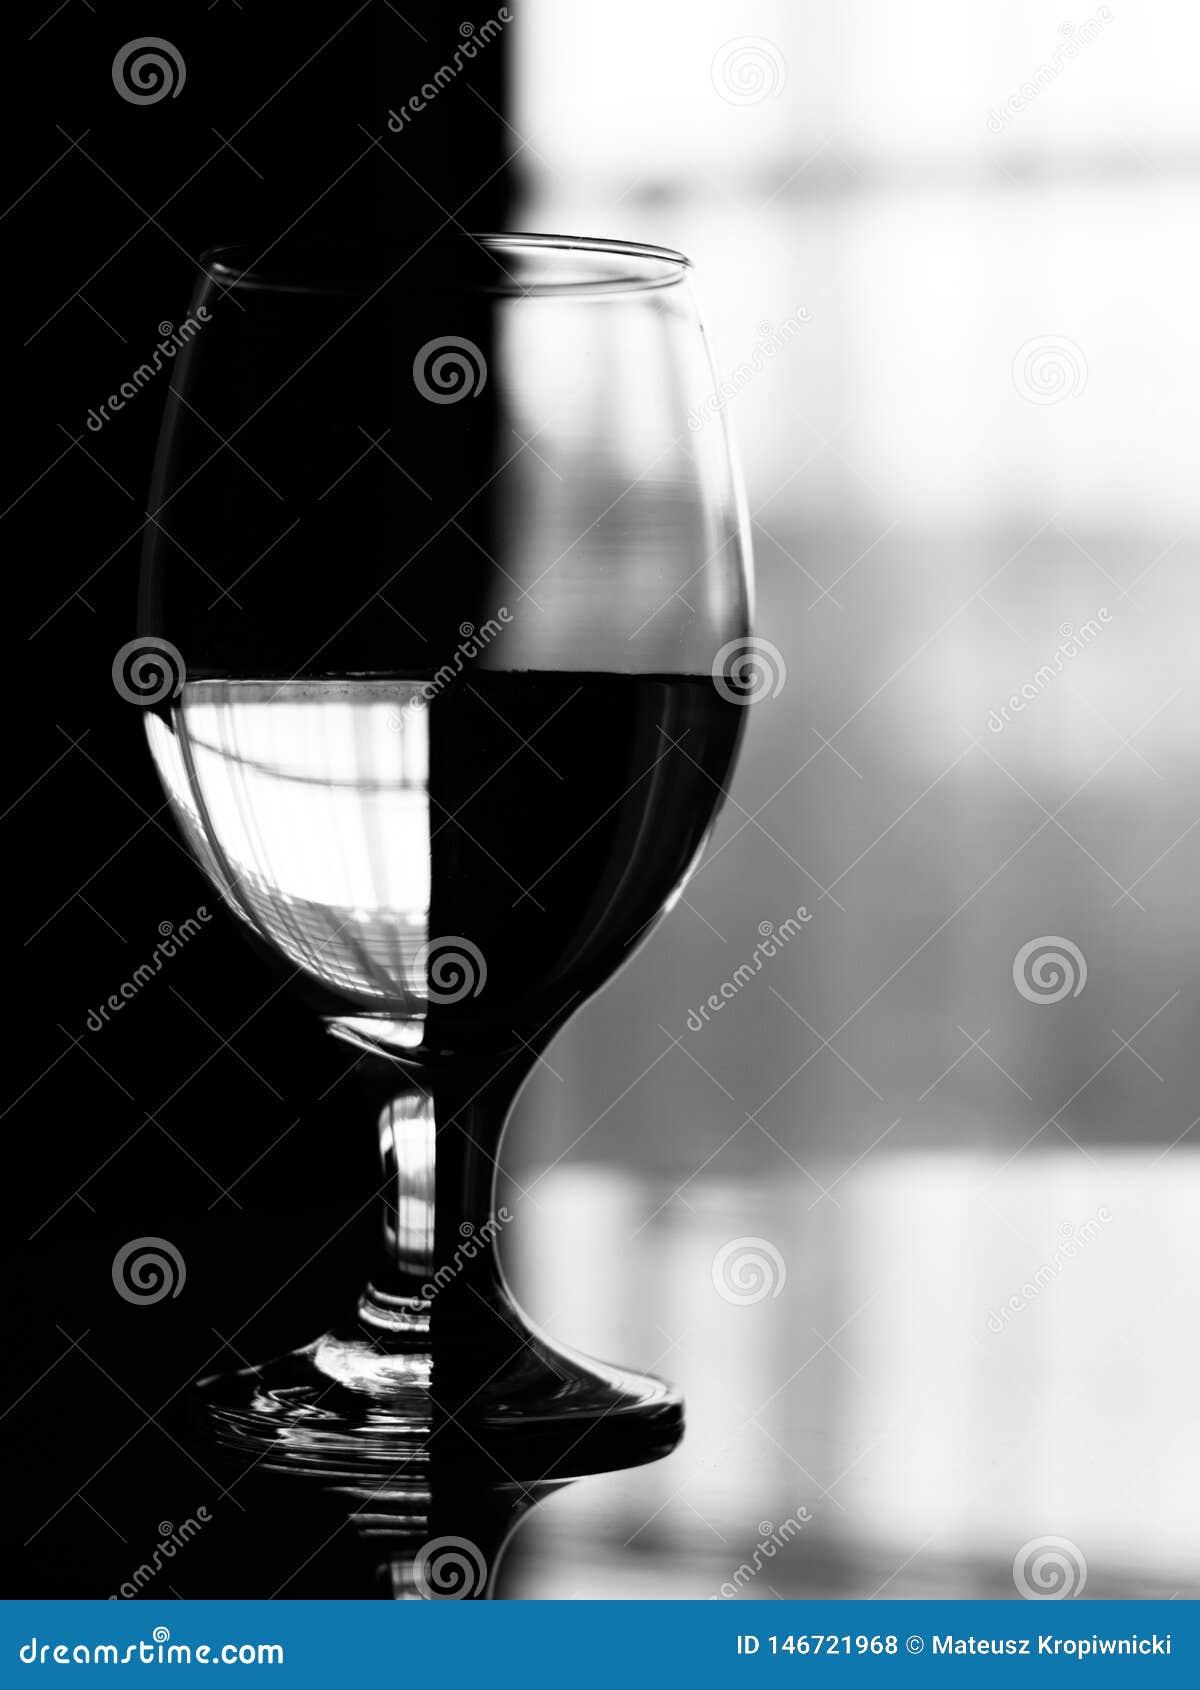 Efecto artístico sobre la copa de vino llenada de agua